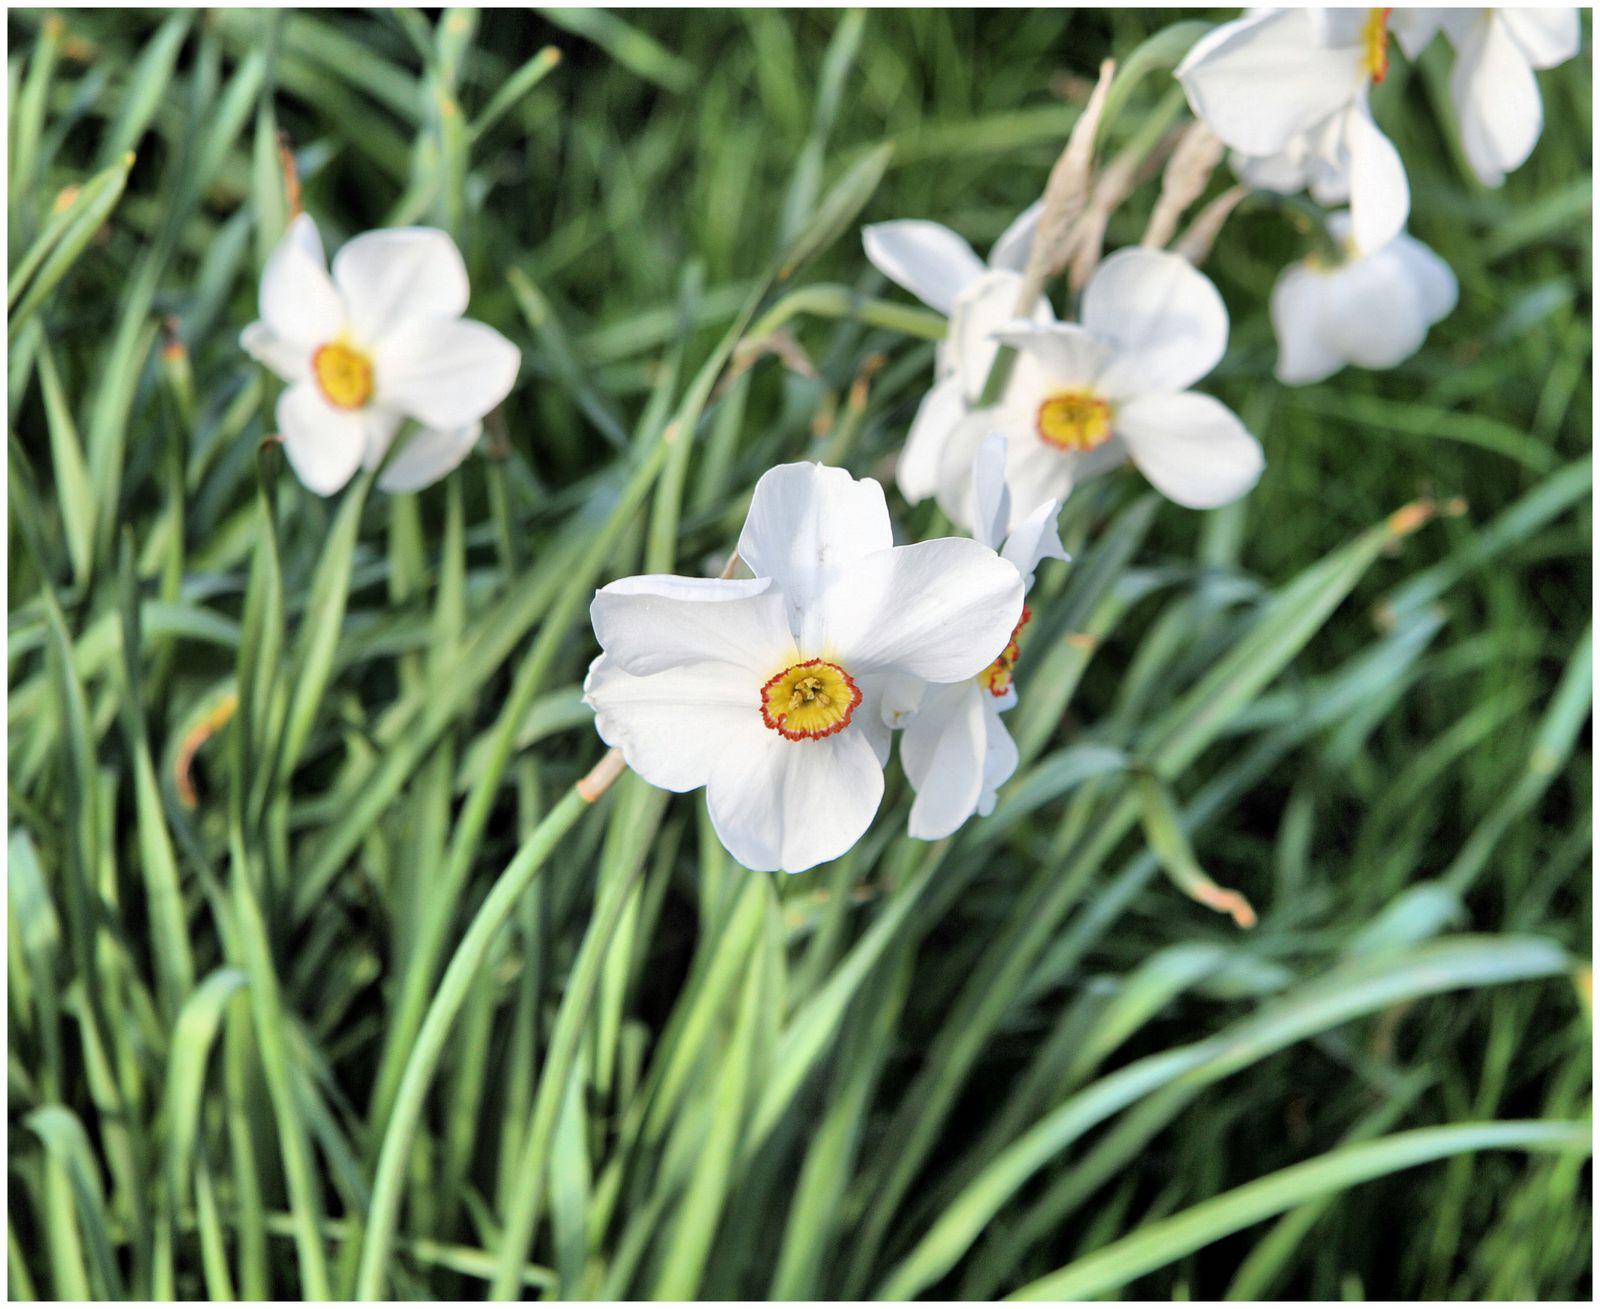 St James Park où il fait bon se prélasser sur l'herbe verte ou sur les chaises longues mises à disposition, la où l'on croise des écureuils grignotant une part de muffins, suivre Ma Mére l'Oie dans ses étirements... Admirer les parterres de fleurs de ce jardin anglais et respirer leurs parfums!